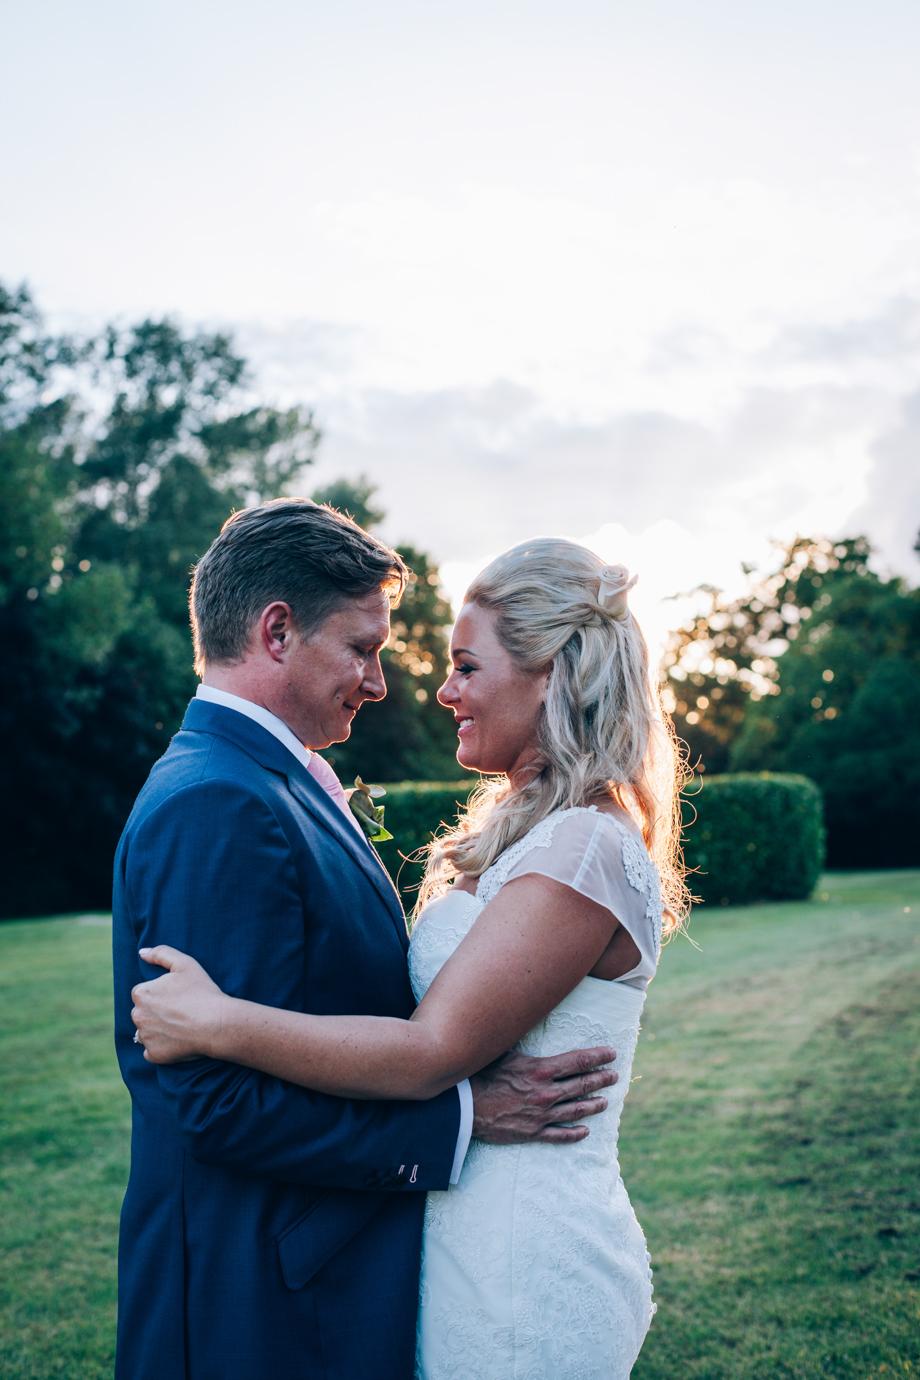 Creative-Wedding-Photographer-Northampton-69